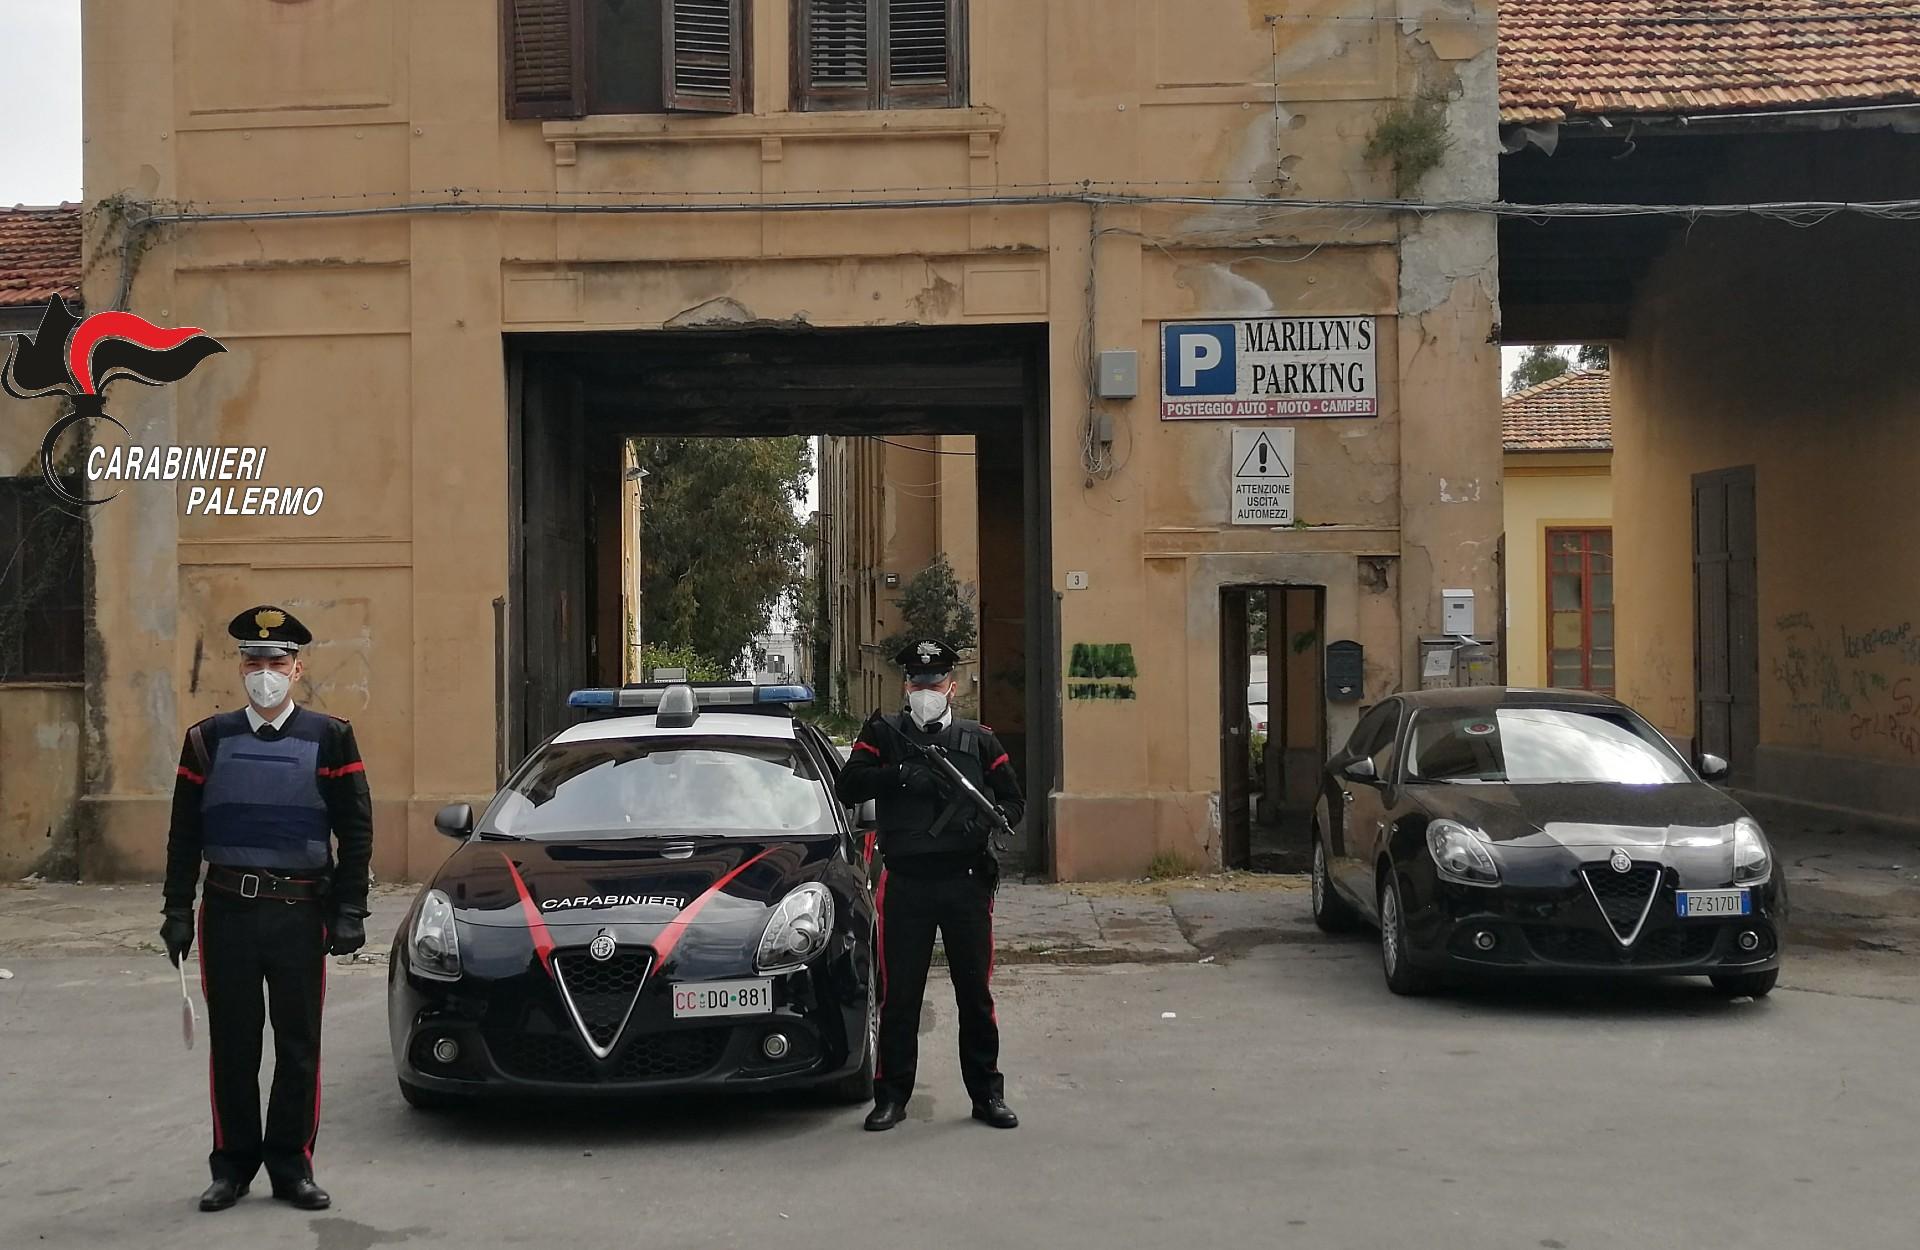 Carabinieri interrompono rave party sulla spiaggia dell'Arenella